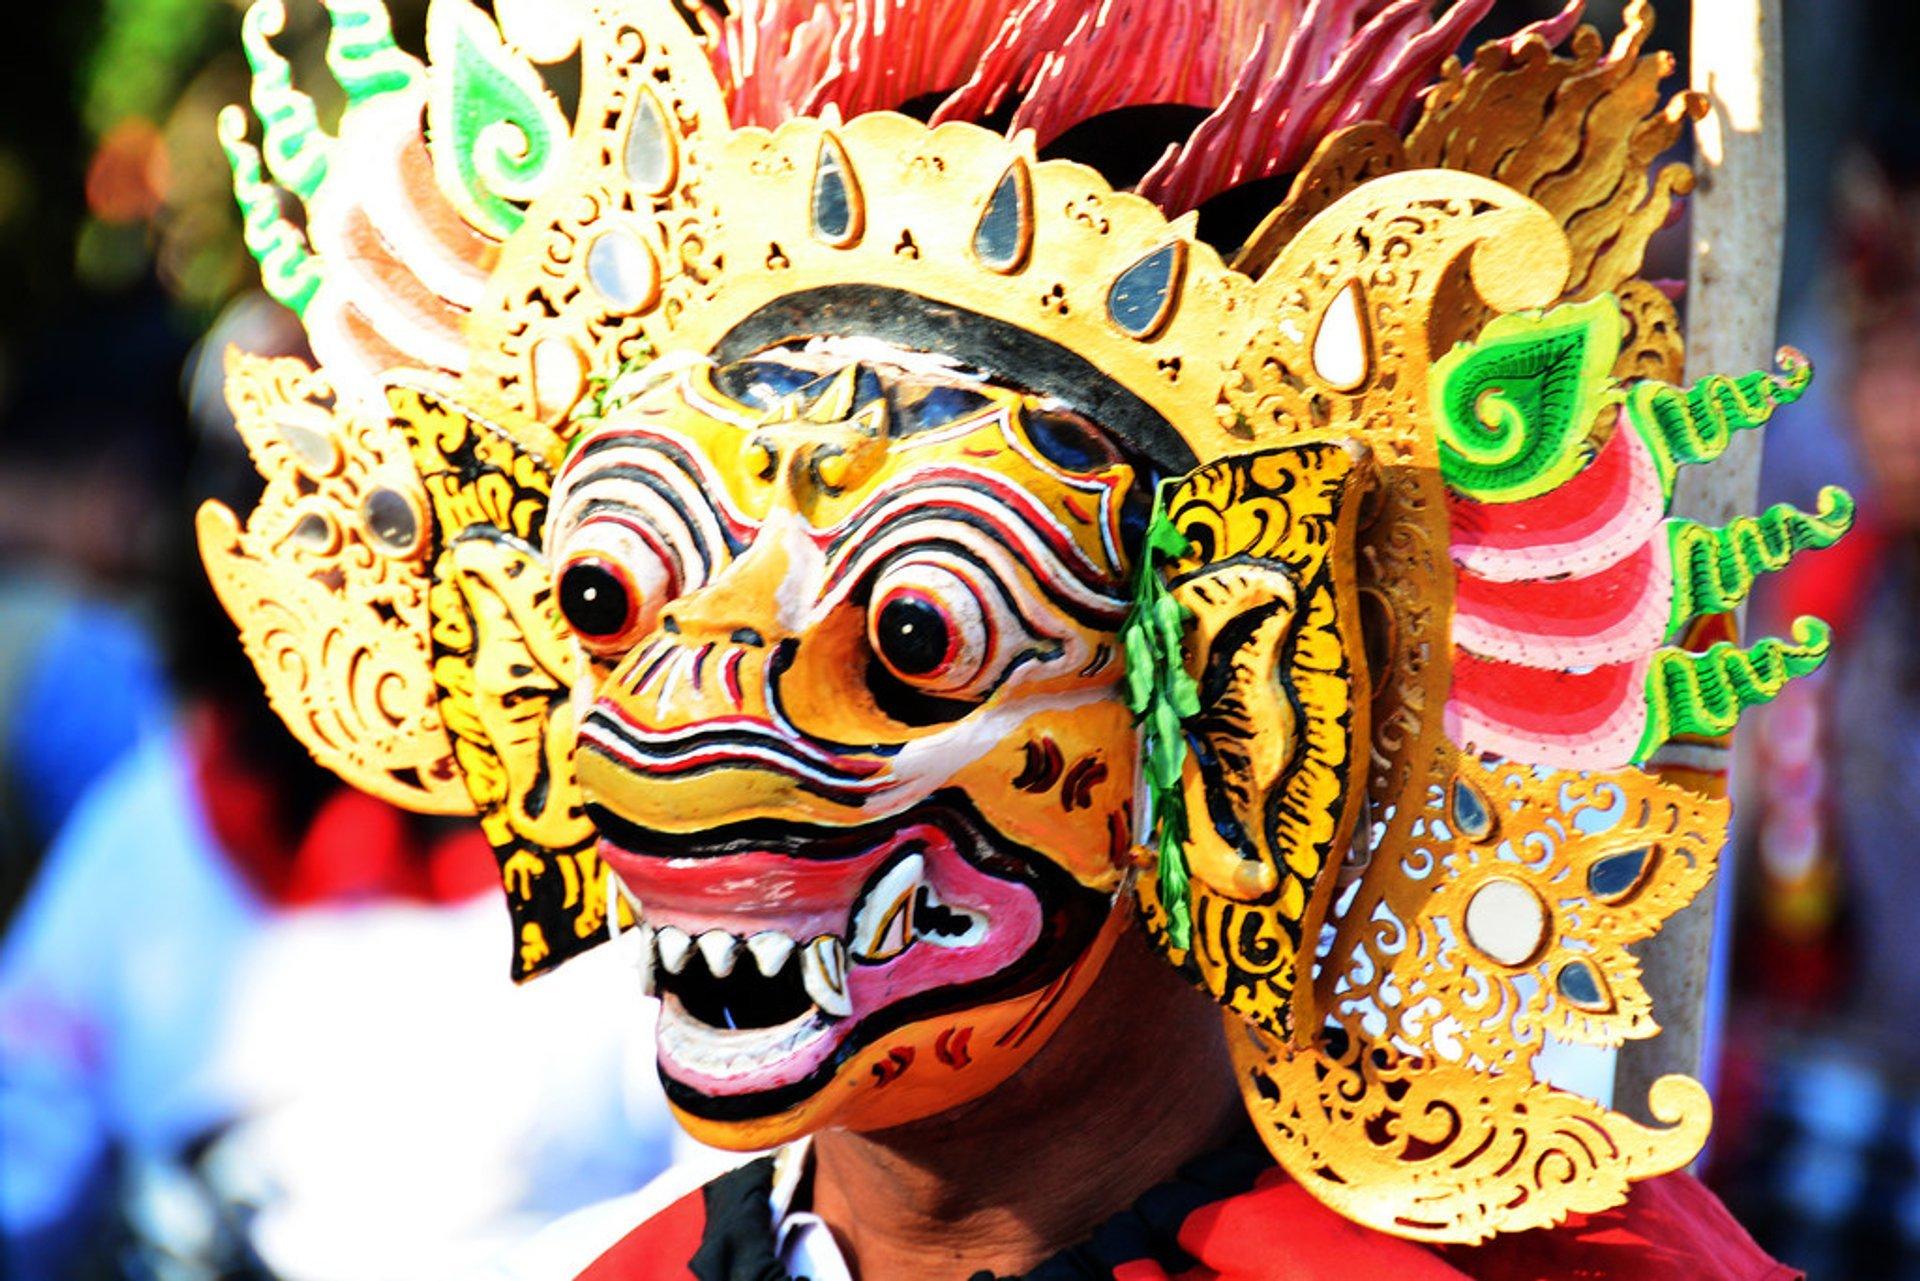 Bali Arts Festival in Bali 2020 - Best Time